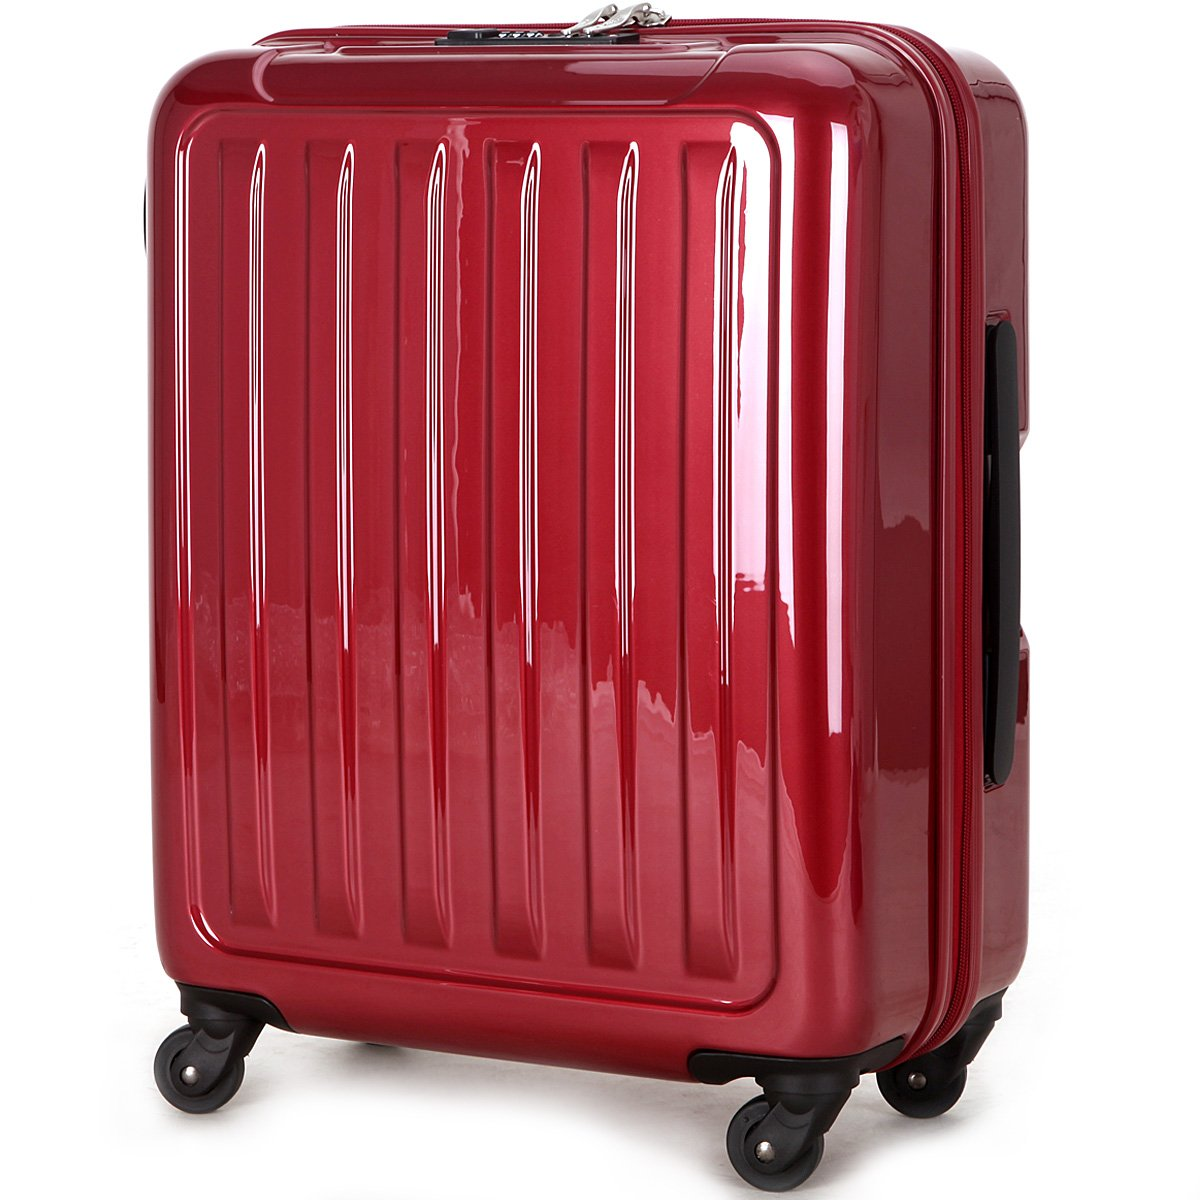 (ラッキーパンダ) Luckypanda 一年修理保証付 TY8048 スーツケース 機内持込 超軽量 40l 大容量 tsaロック B00YBV0ZYK カーマイン カーマイン